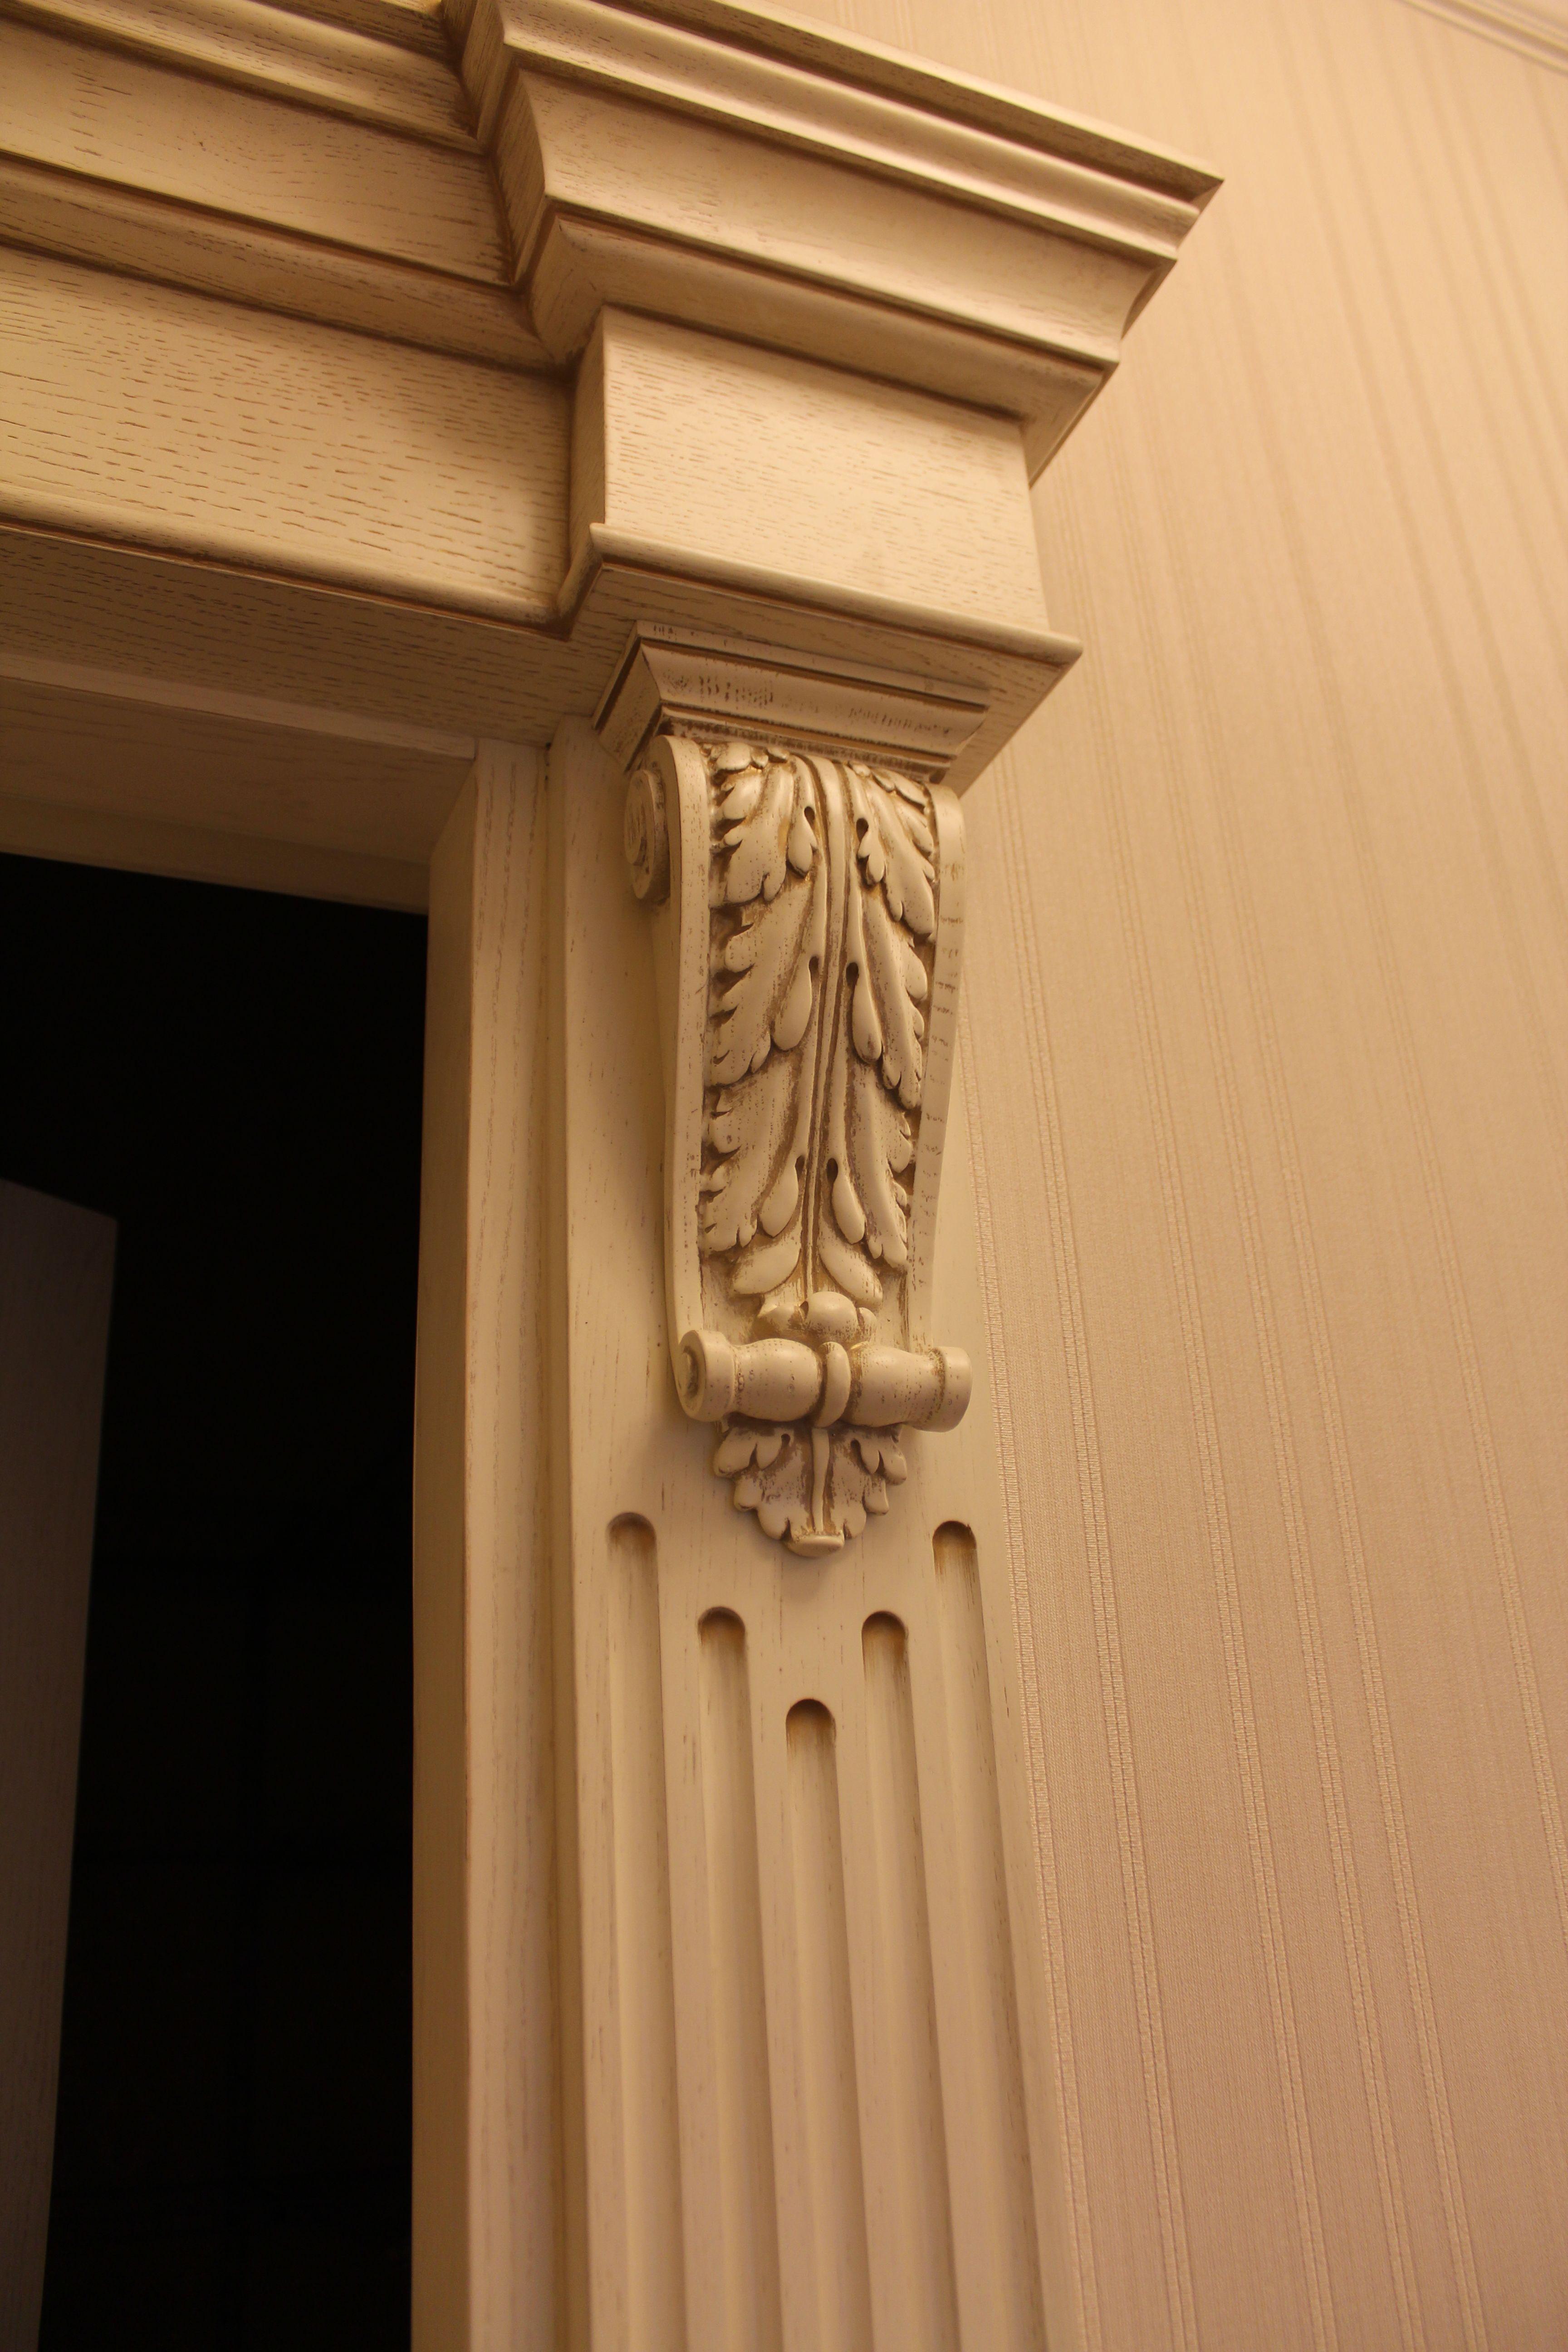 Anleitungen, Moderne Haustür, Eingangstüren, Eingangstür, Tür Design,  Klassische Inneneinrichtung, Zierleisten, Sockel, Holz Schnitzen